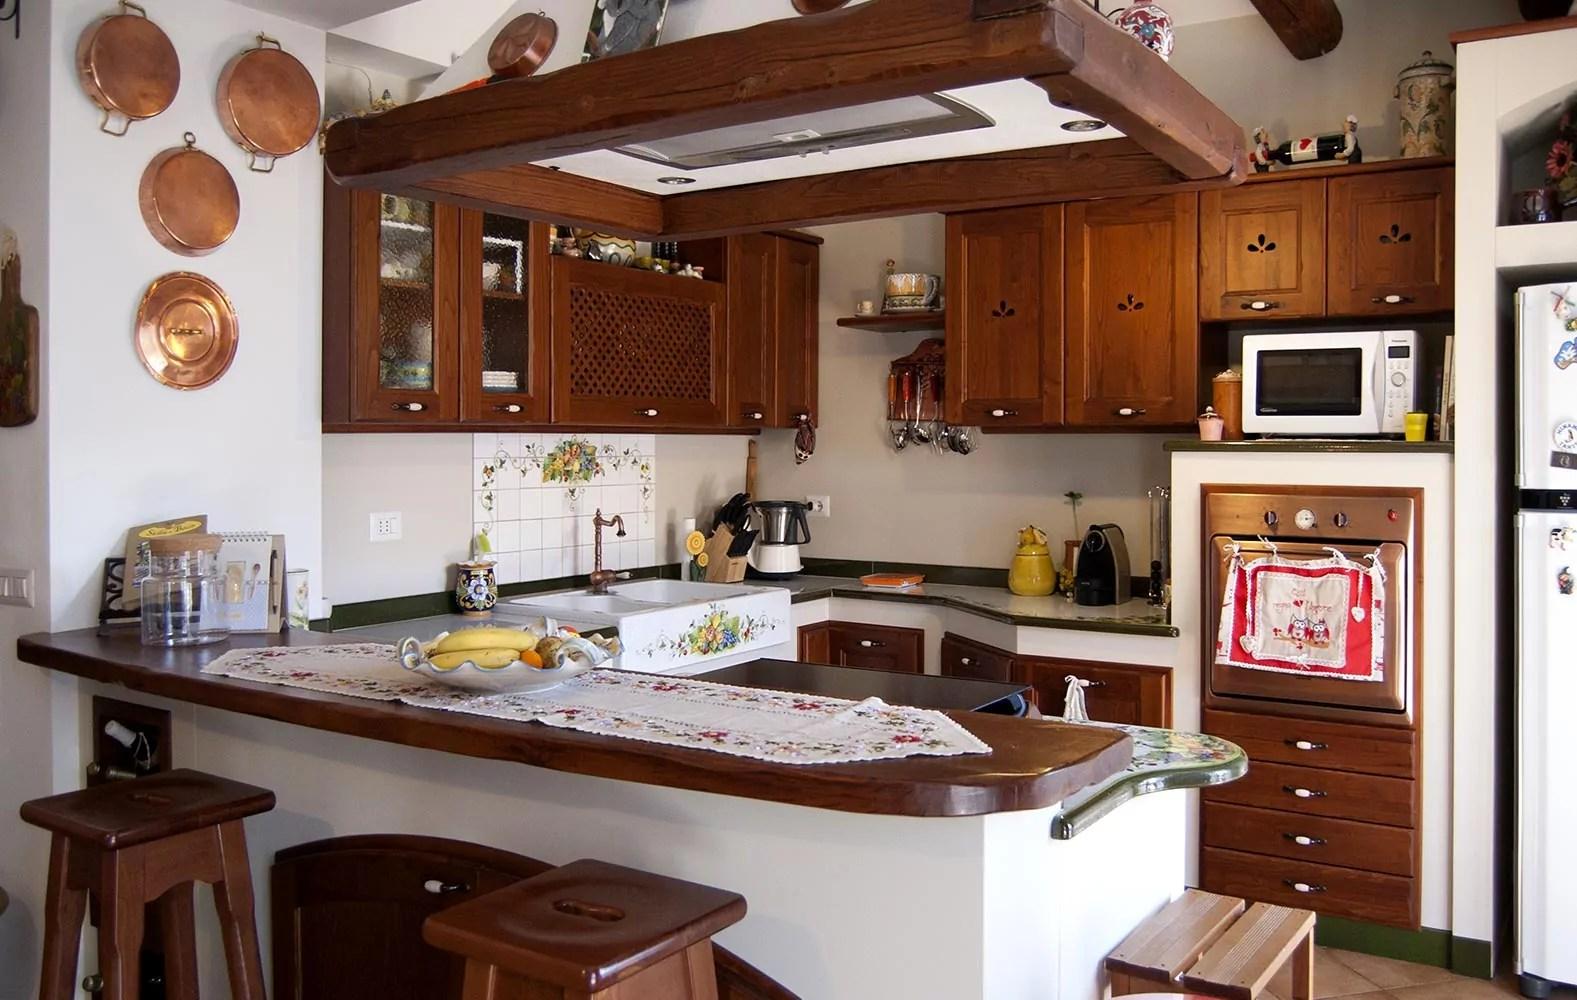 Cucine Moderne ecologiche in muratura smontabile Modello